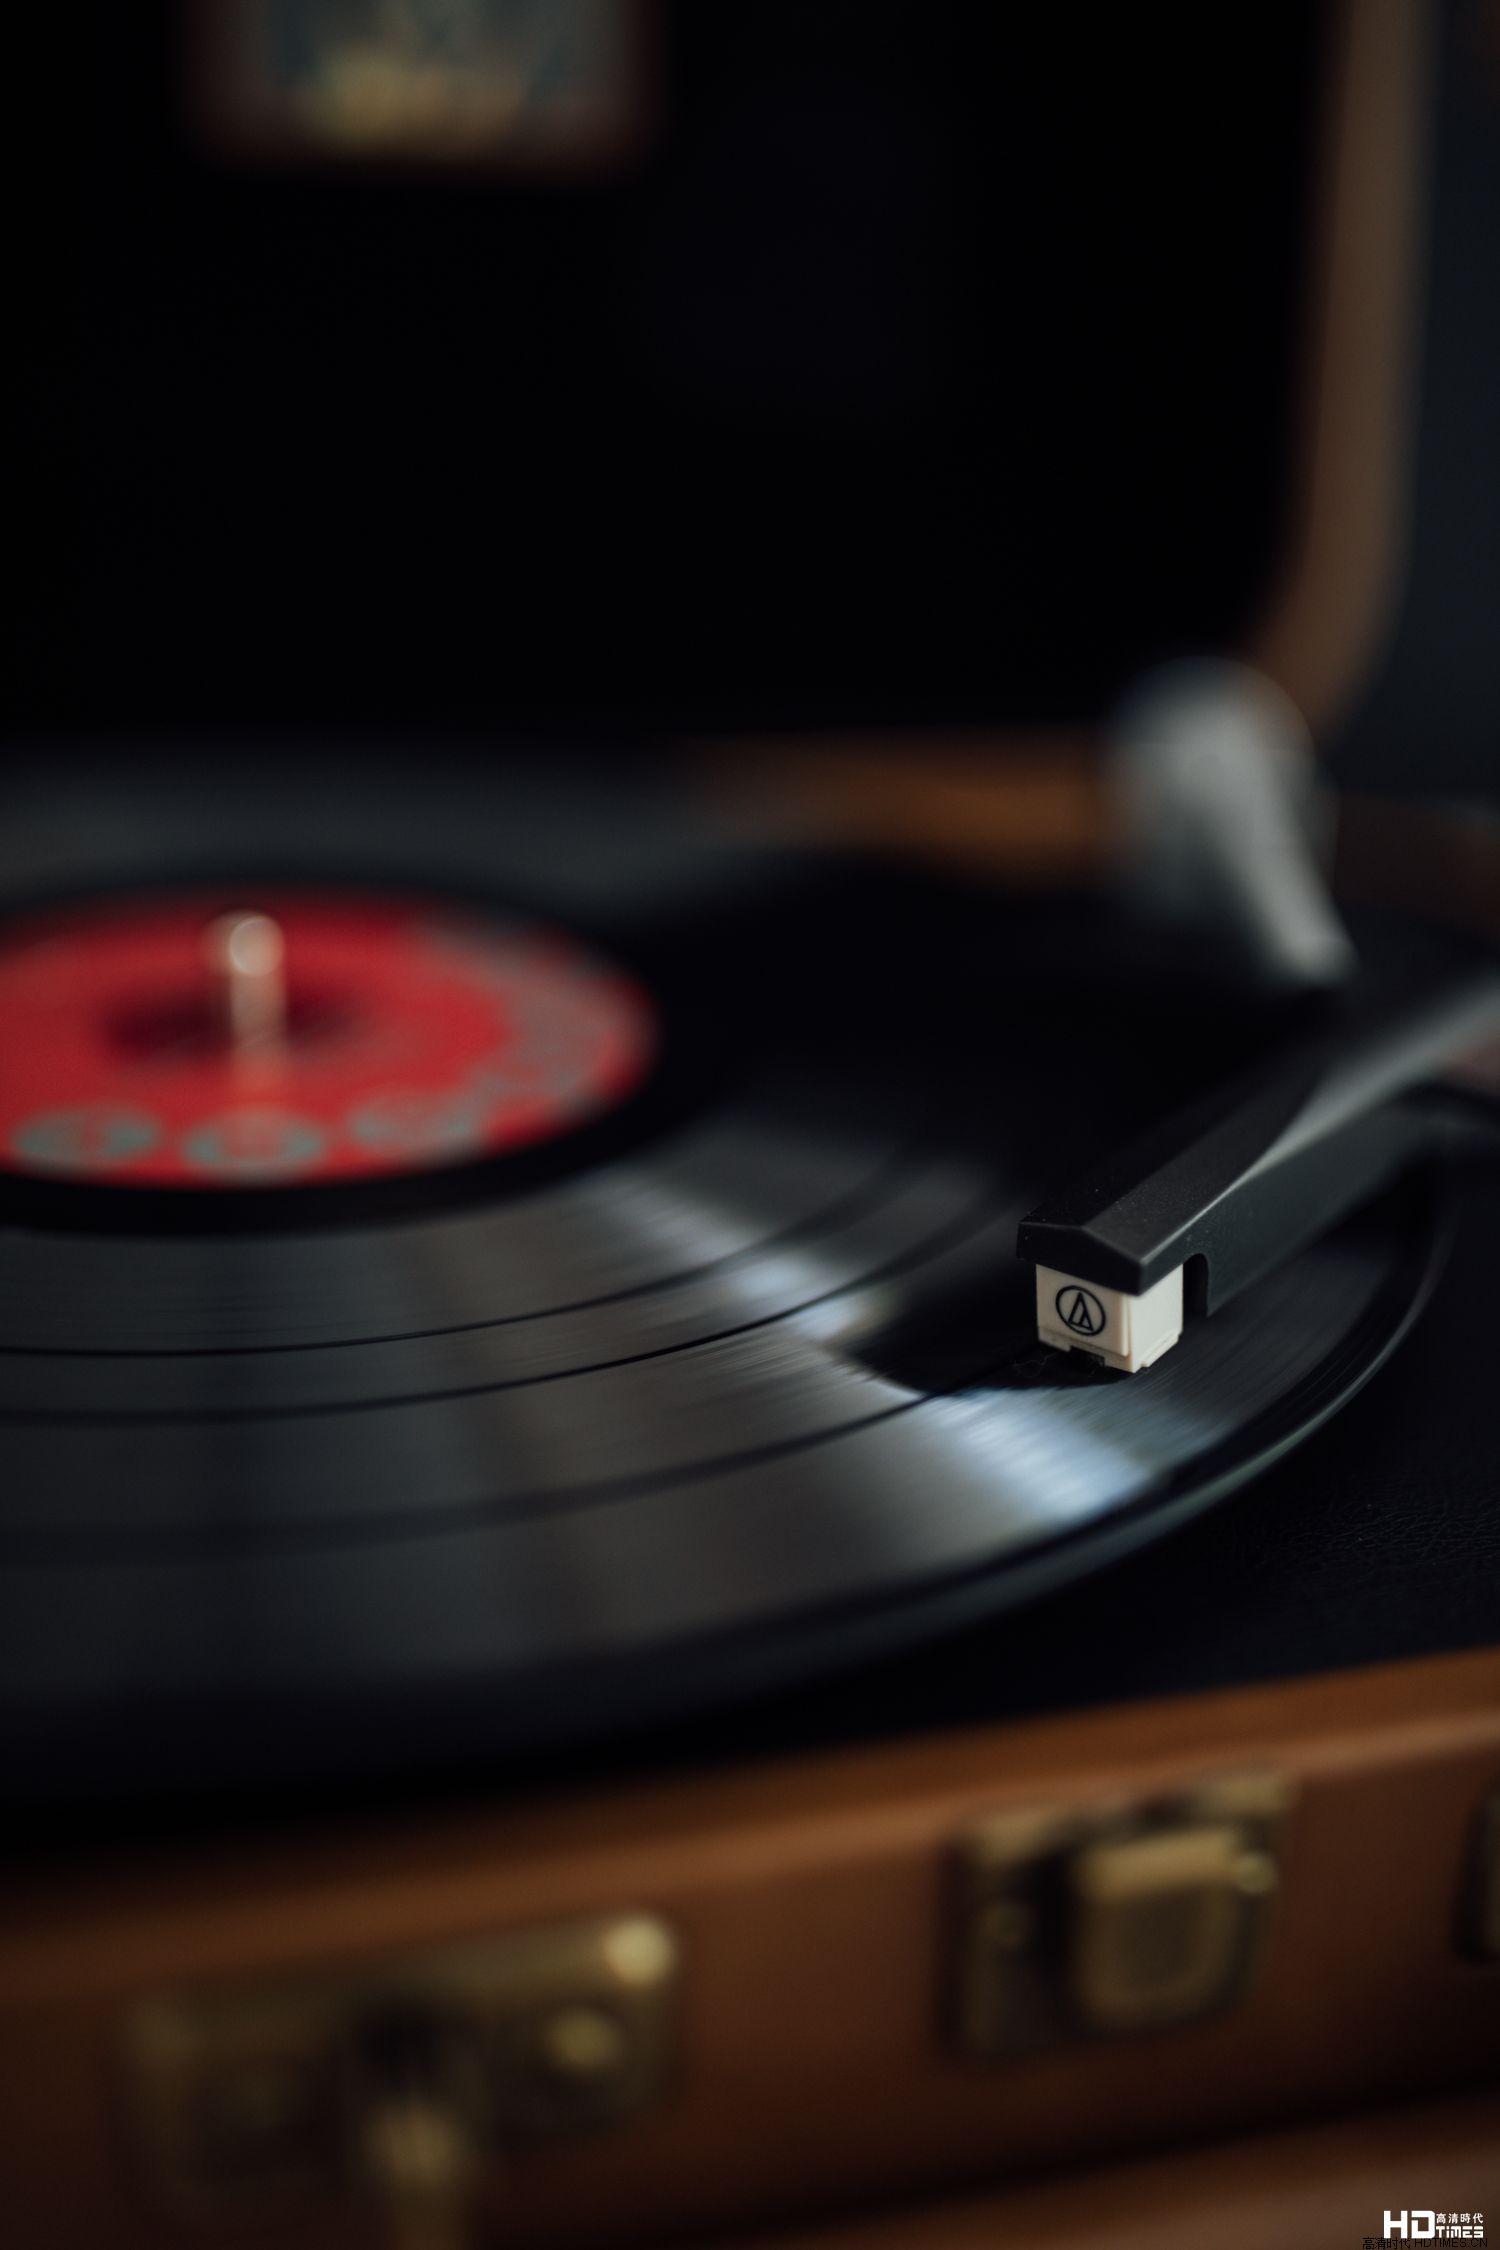 源于经典 共鸣时光_巫1900黑胶唱机初评测